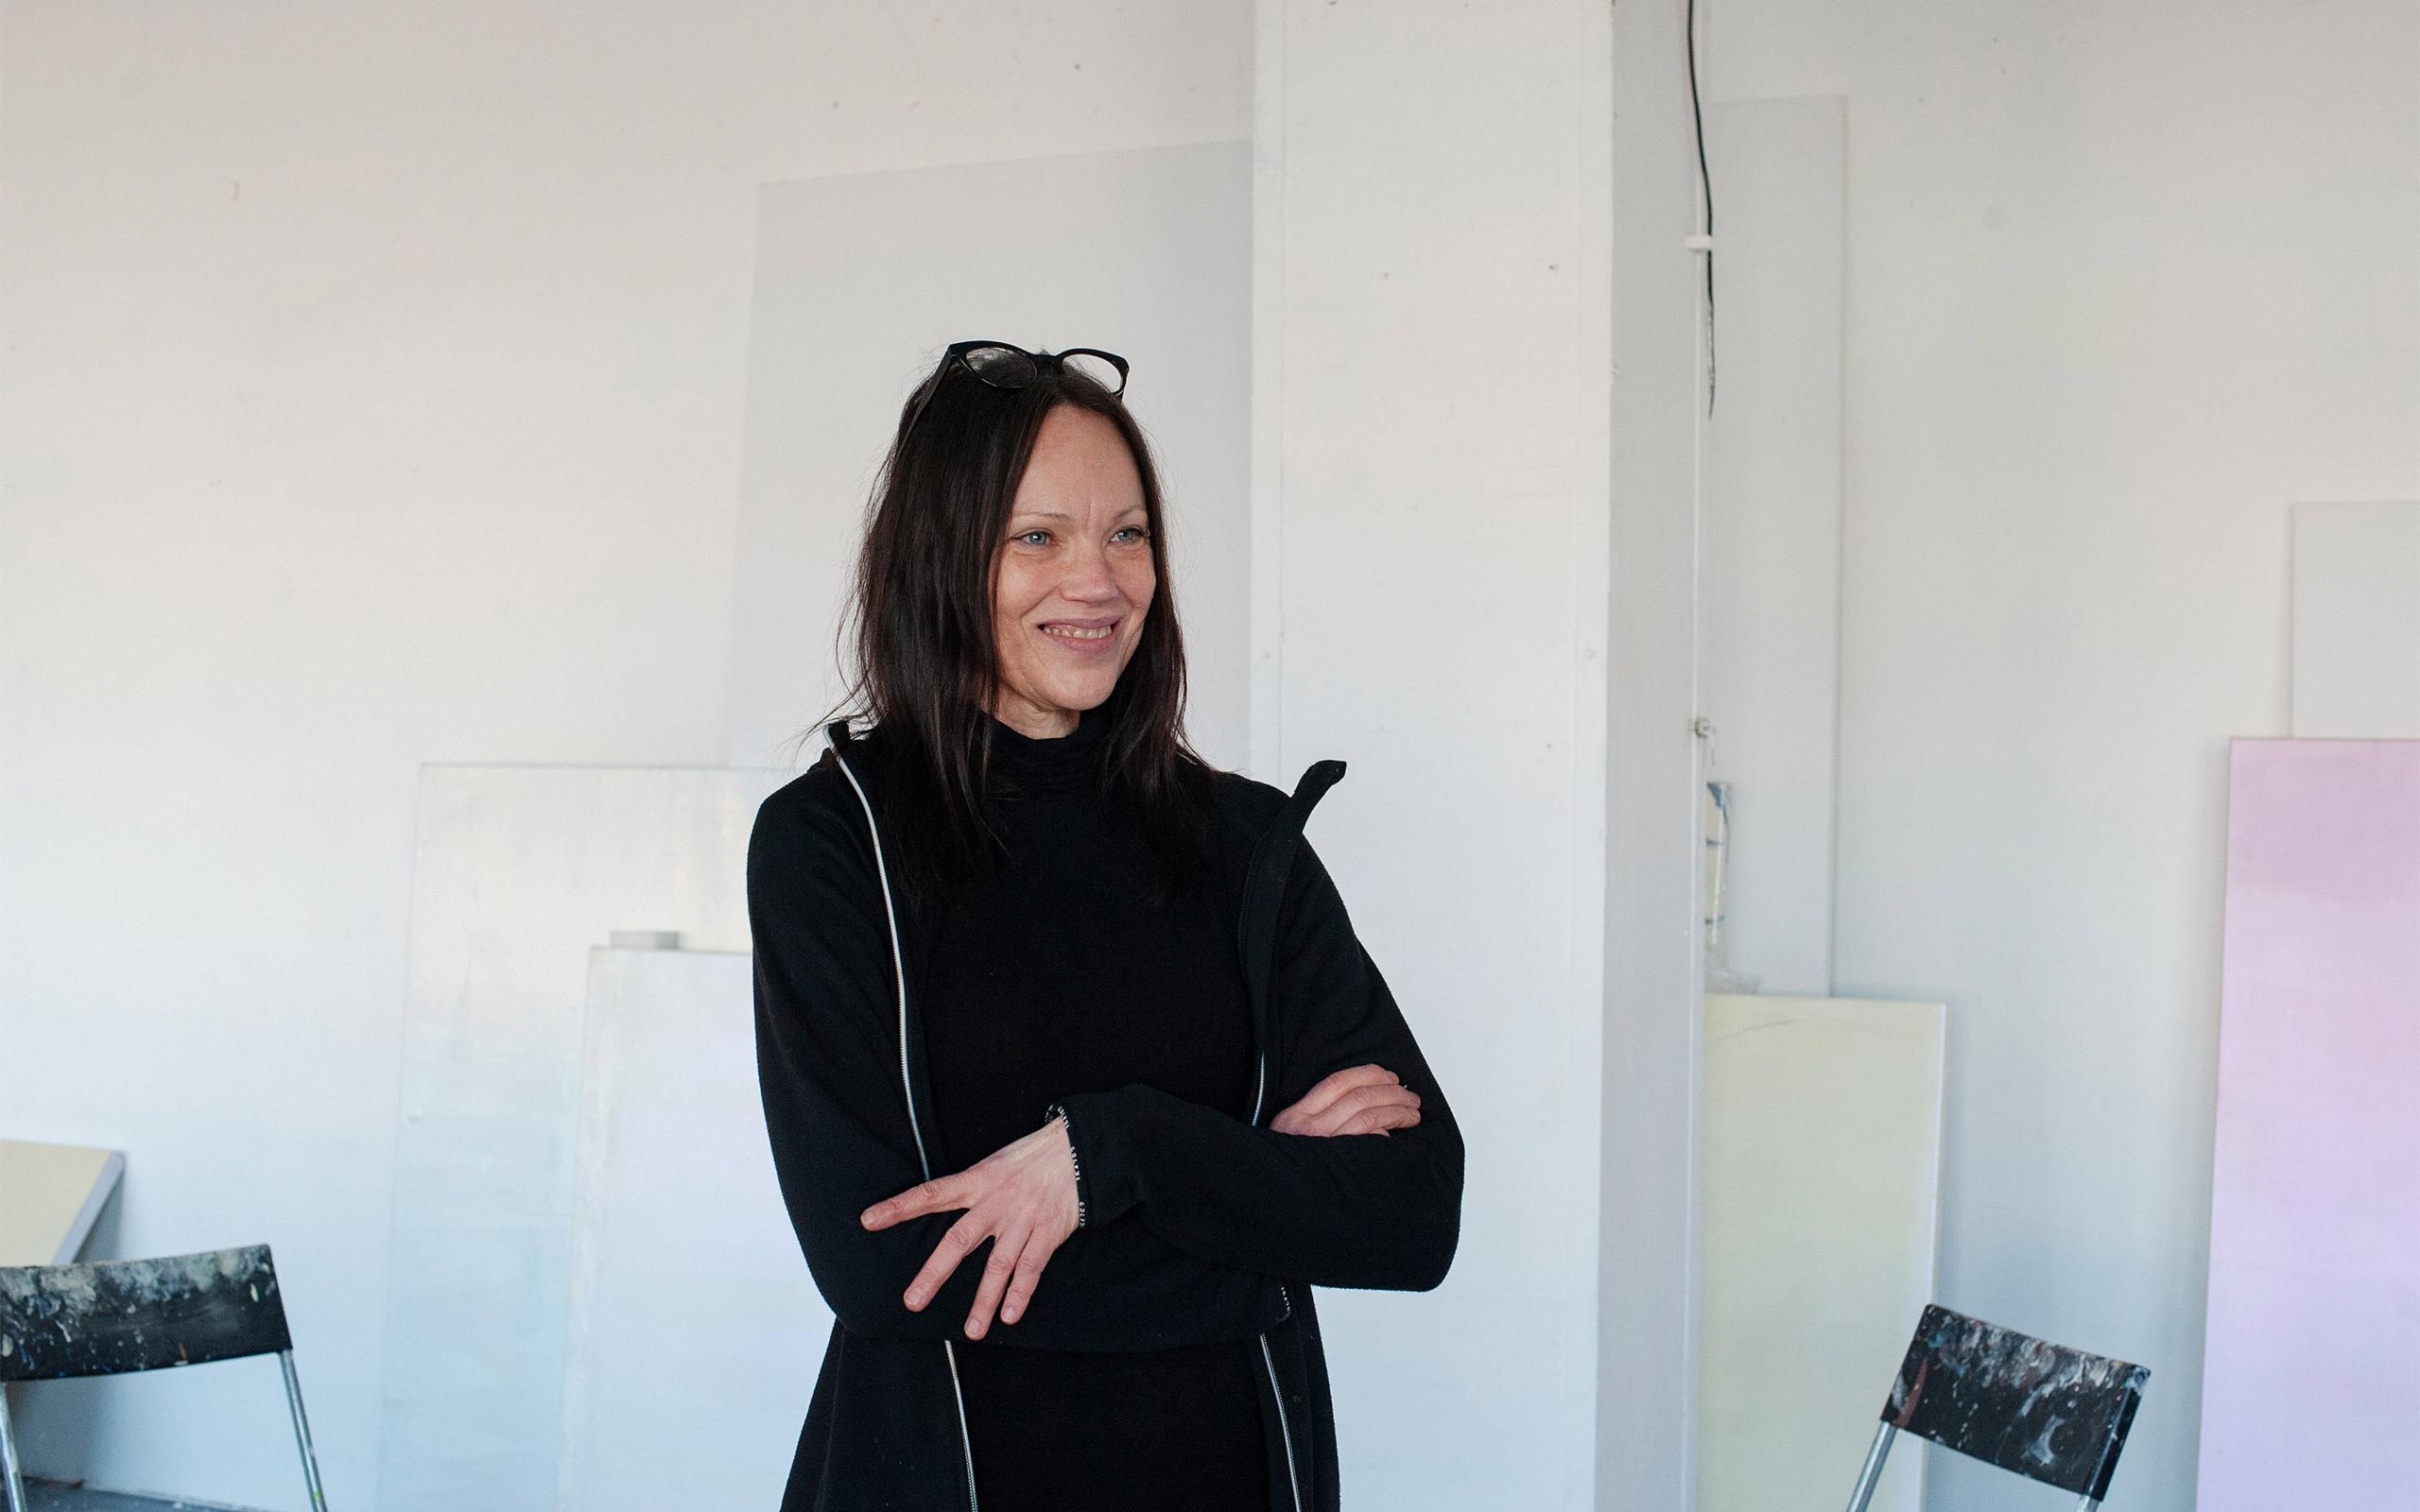 Marianna Uutinen 09